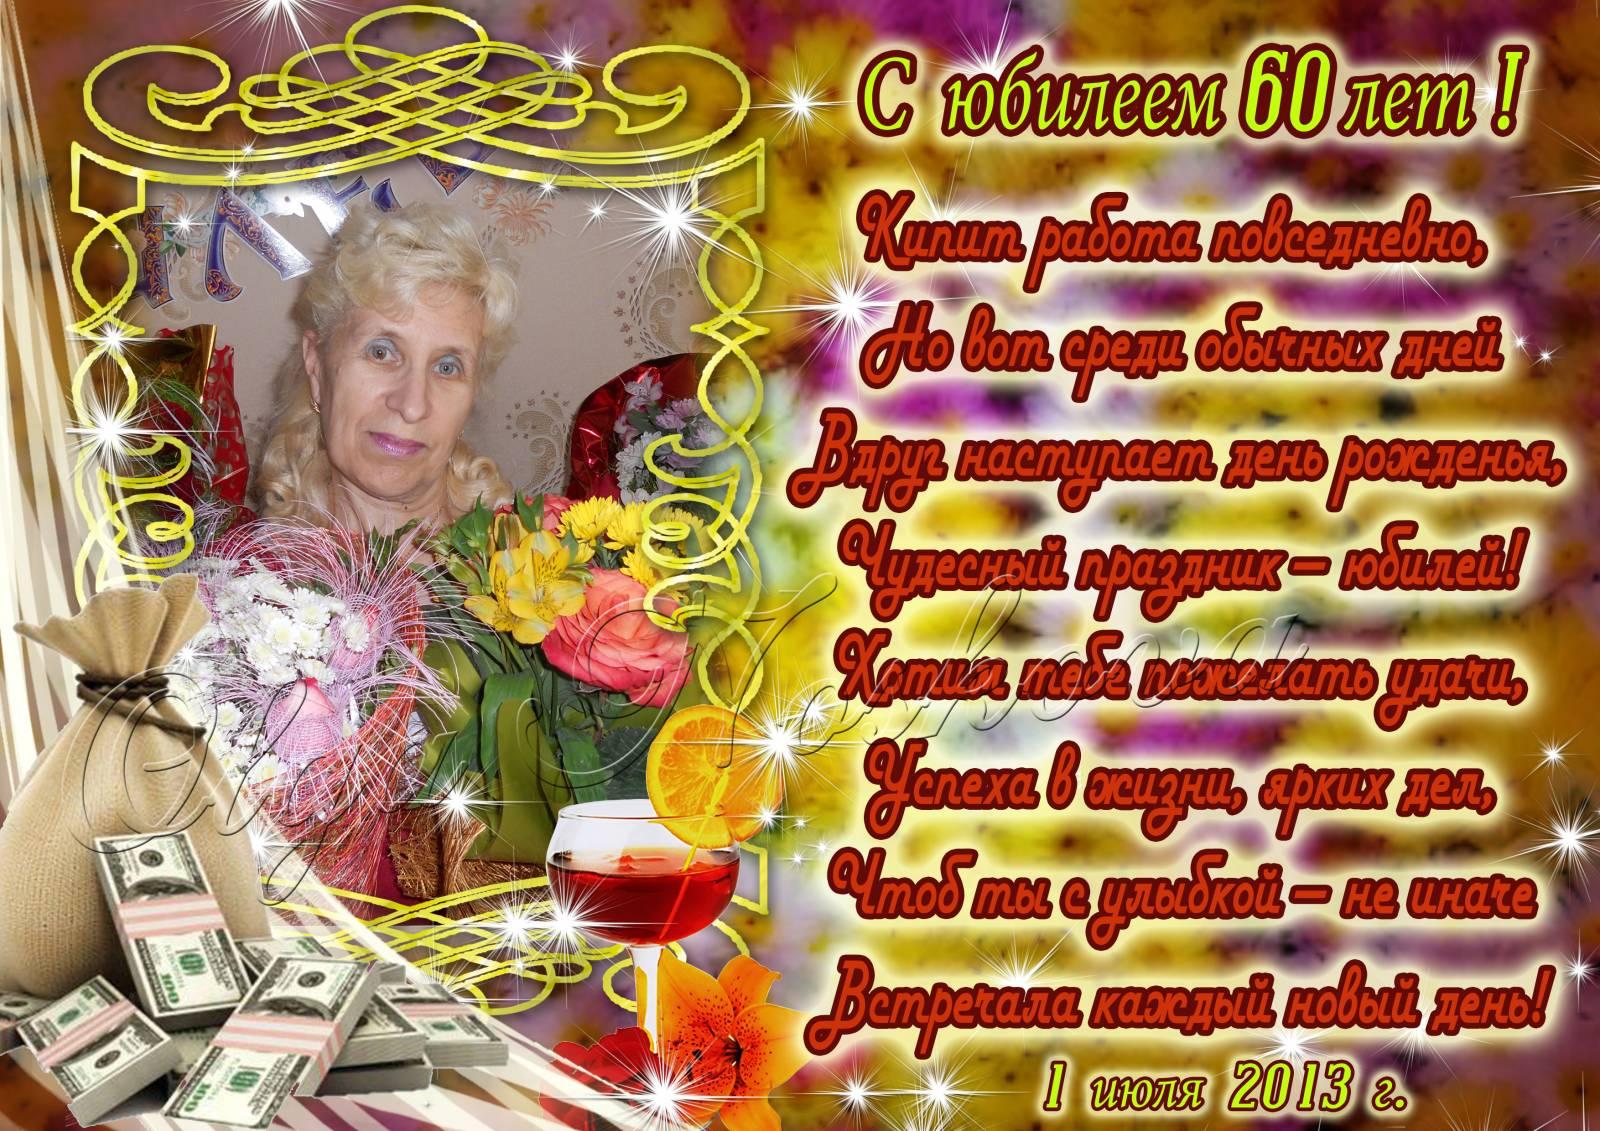 Поздравления с днем святого Валентина маме 59